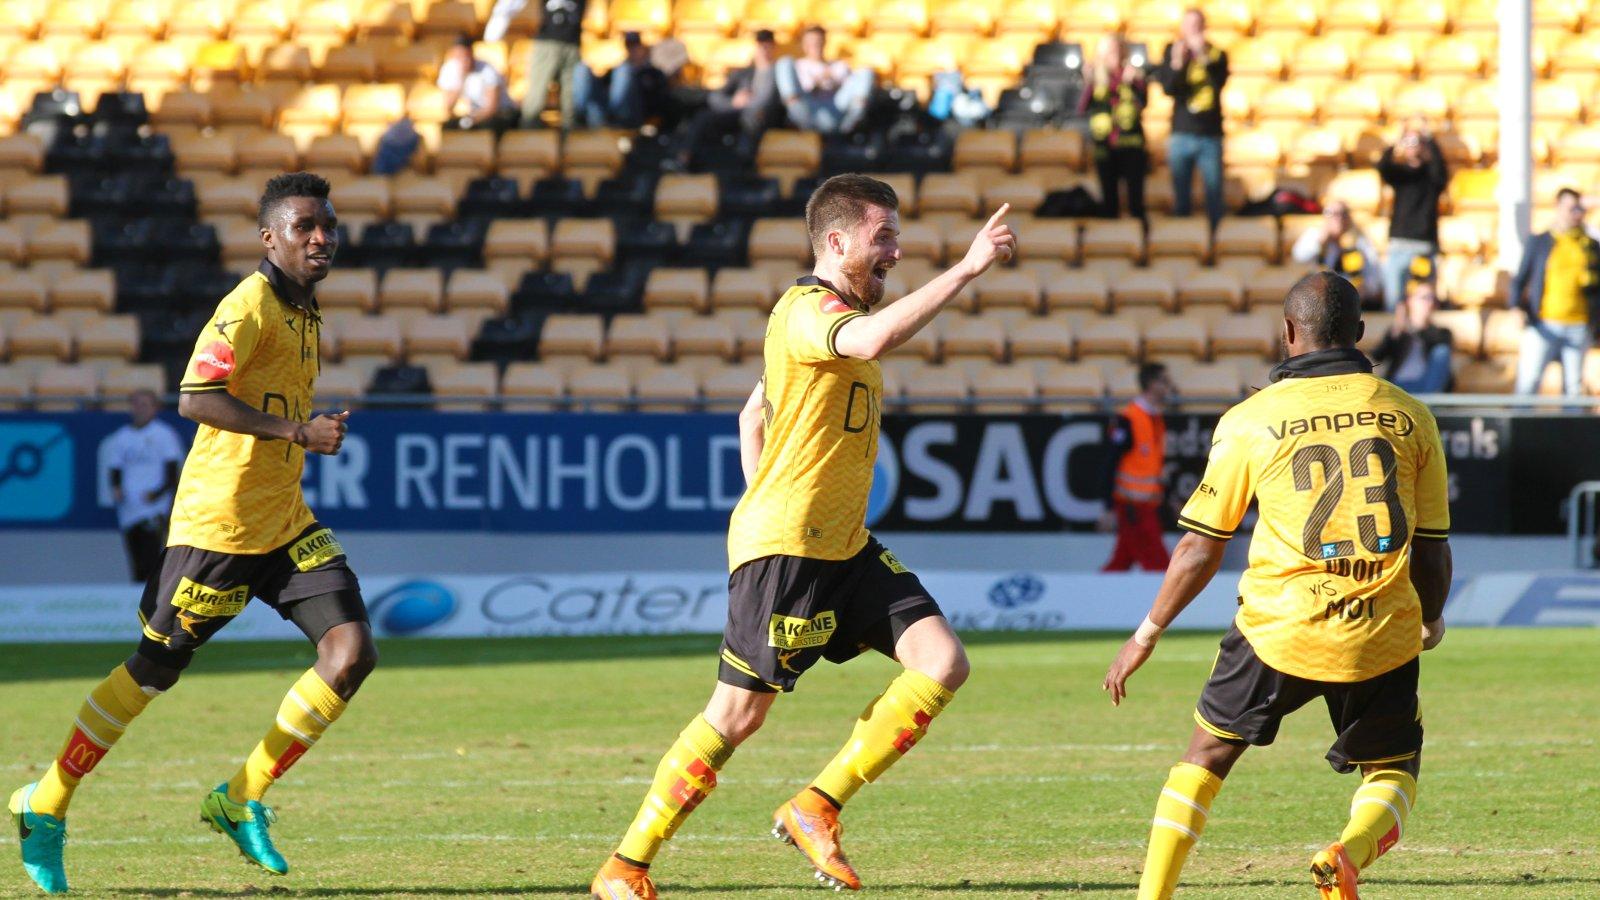 Aleksander Melgalvis jubler etter scoring mot Sandefjord